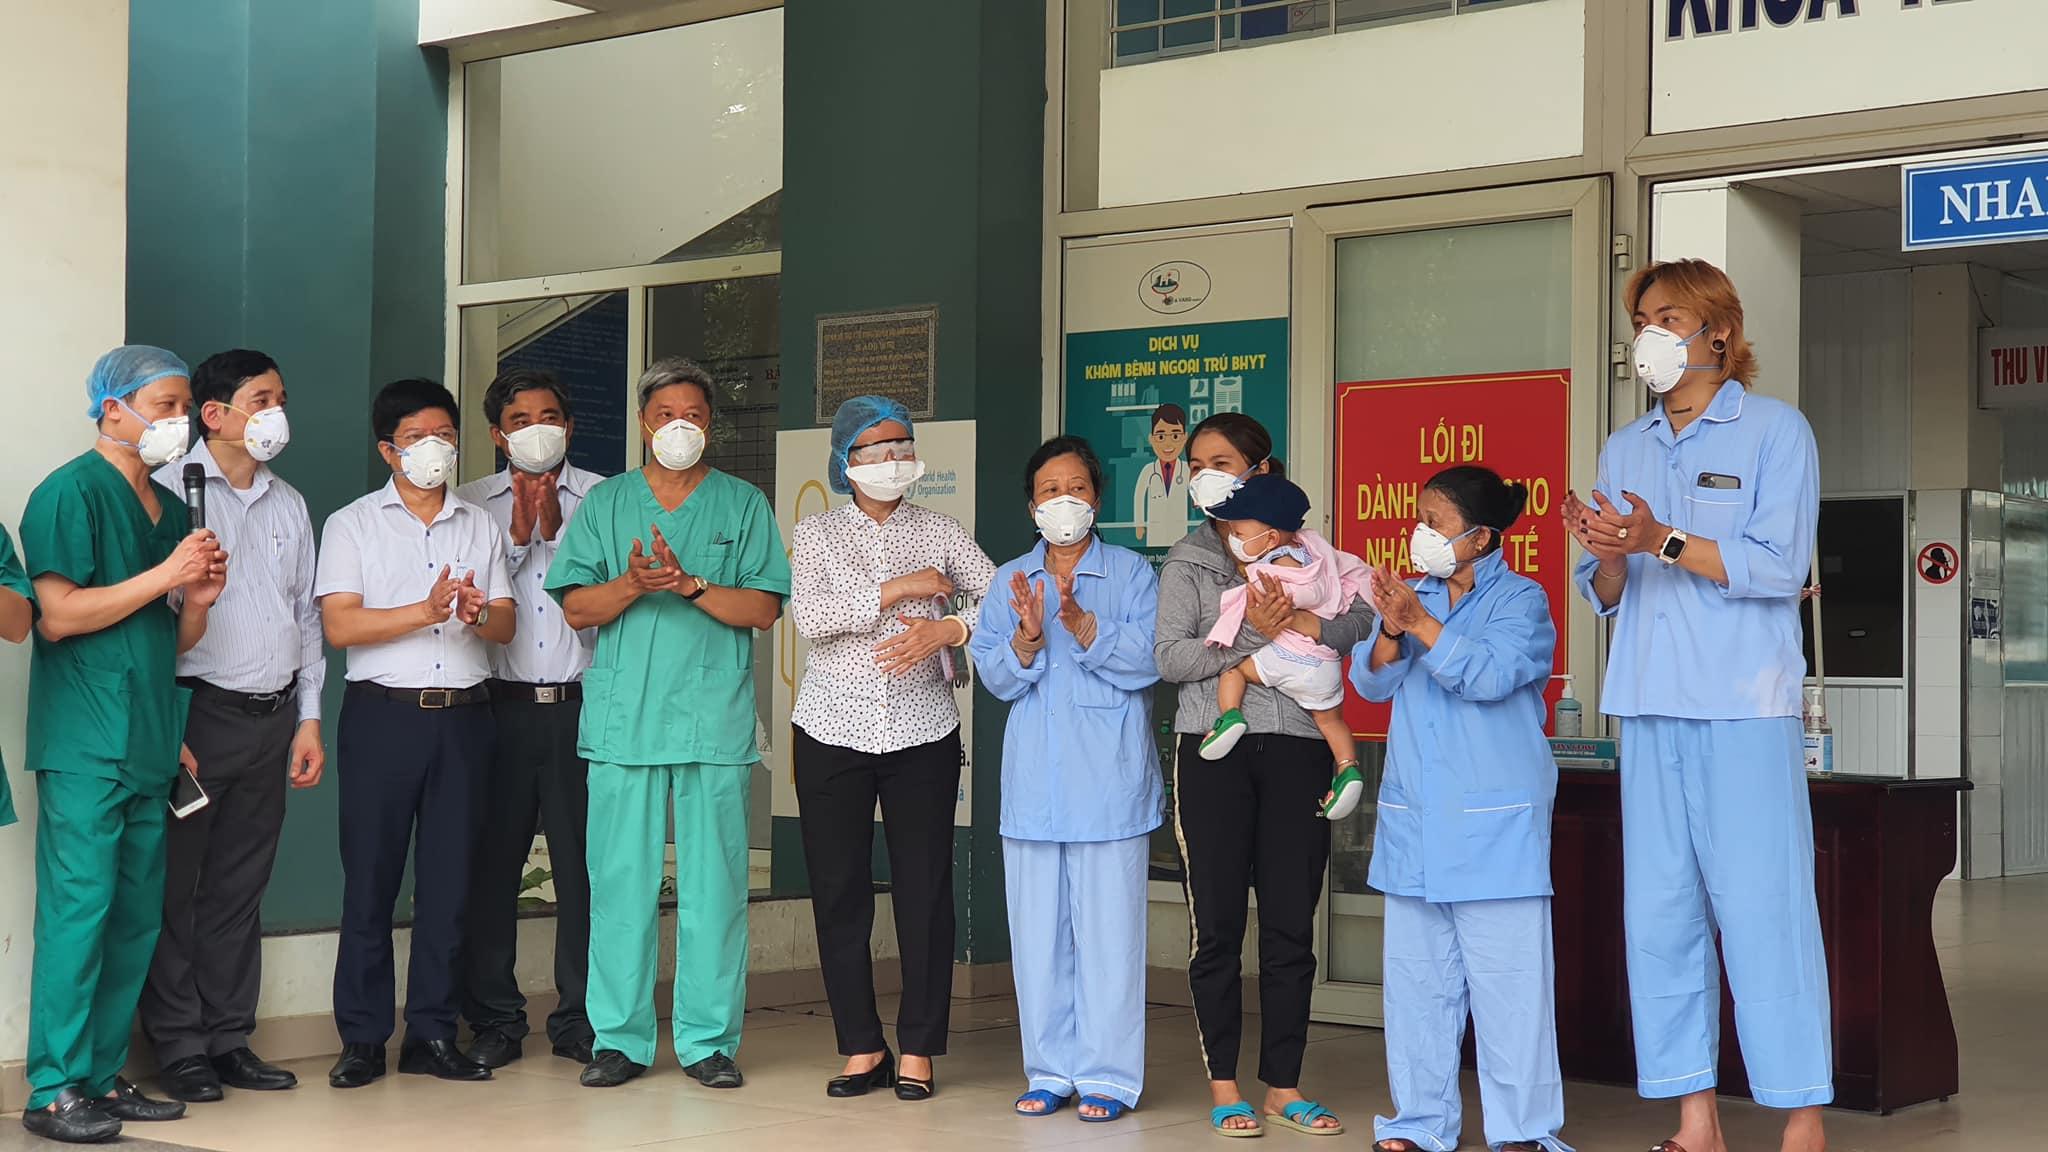 Tin tức 24h qua: Thương tâm 2 cháu nhỏ tử vong sau một cơn mưa tầm tã ở Hà Giang - 1